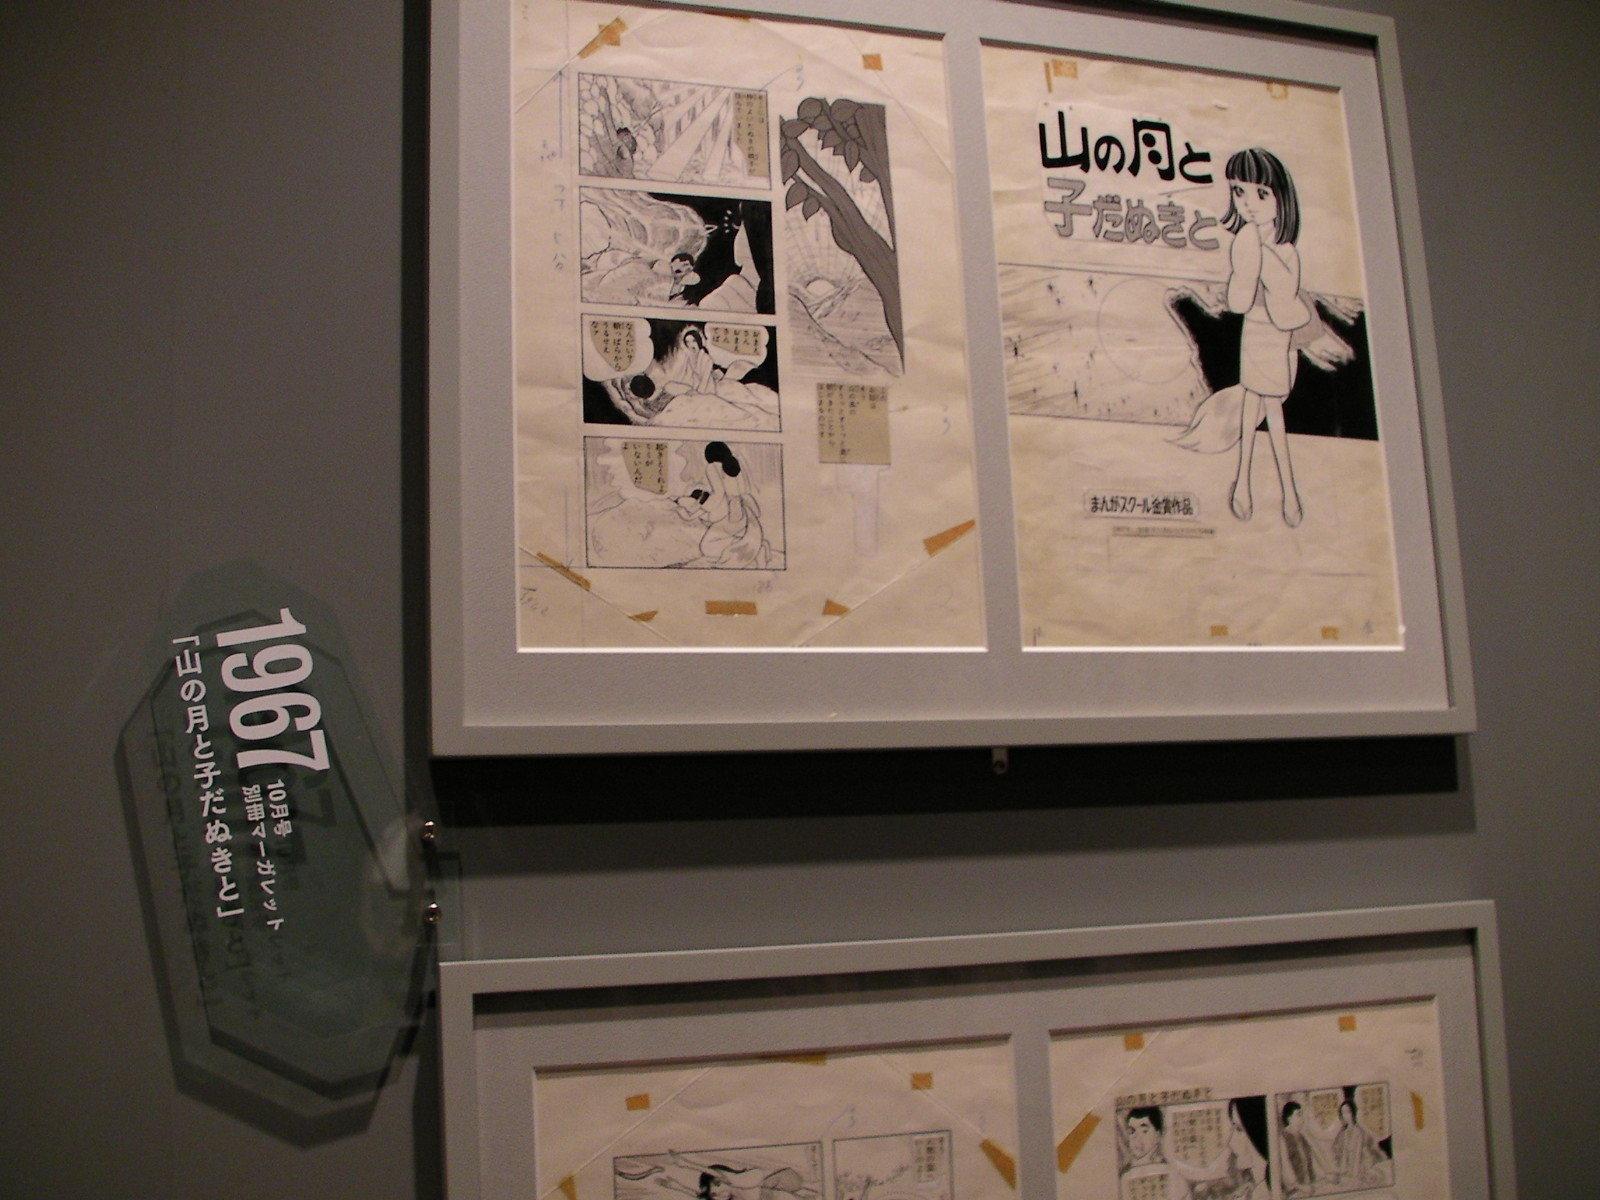 デビュー作「山の月と子だぬきと」。「別冊マーガレット」で金賞を受賞、高校生漫画家としてデビューした